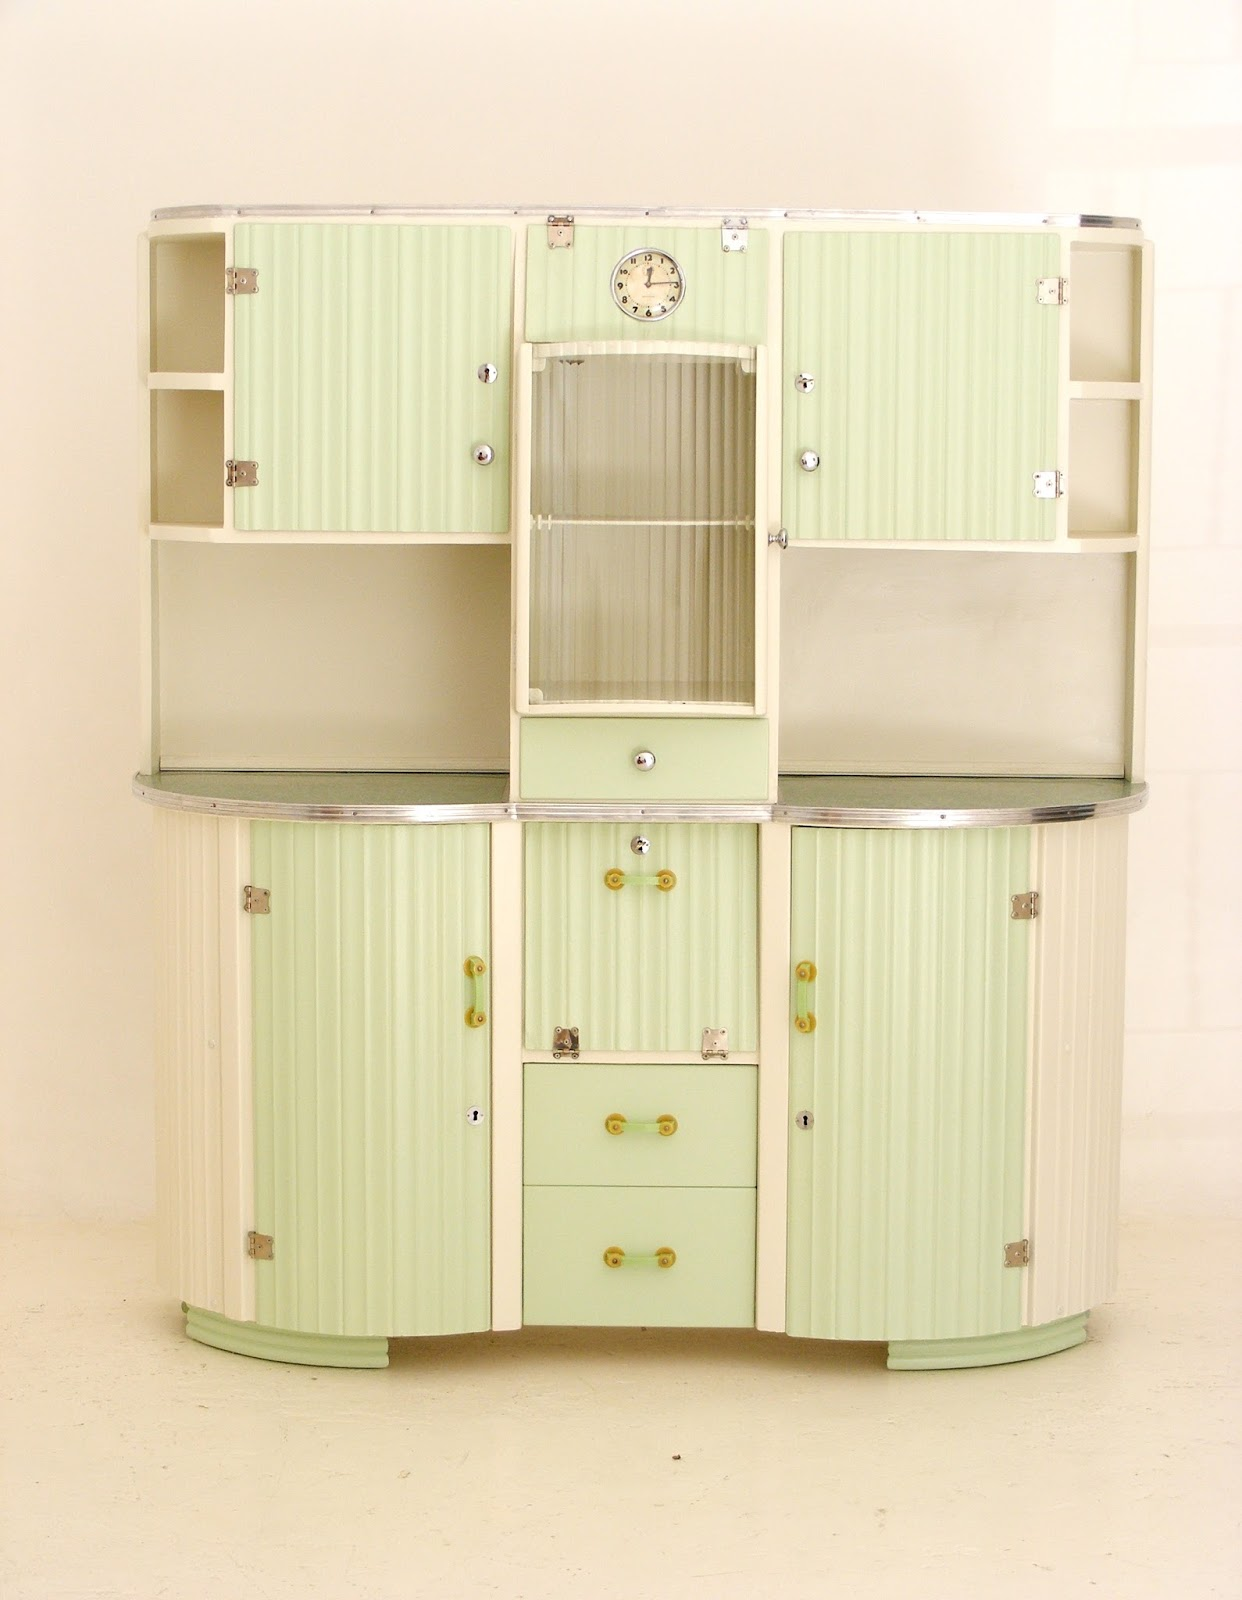 VAMP FURNITURE: A vintage kitchen dresser_24 April 2018